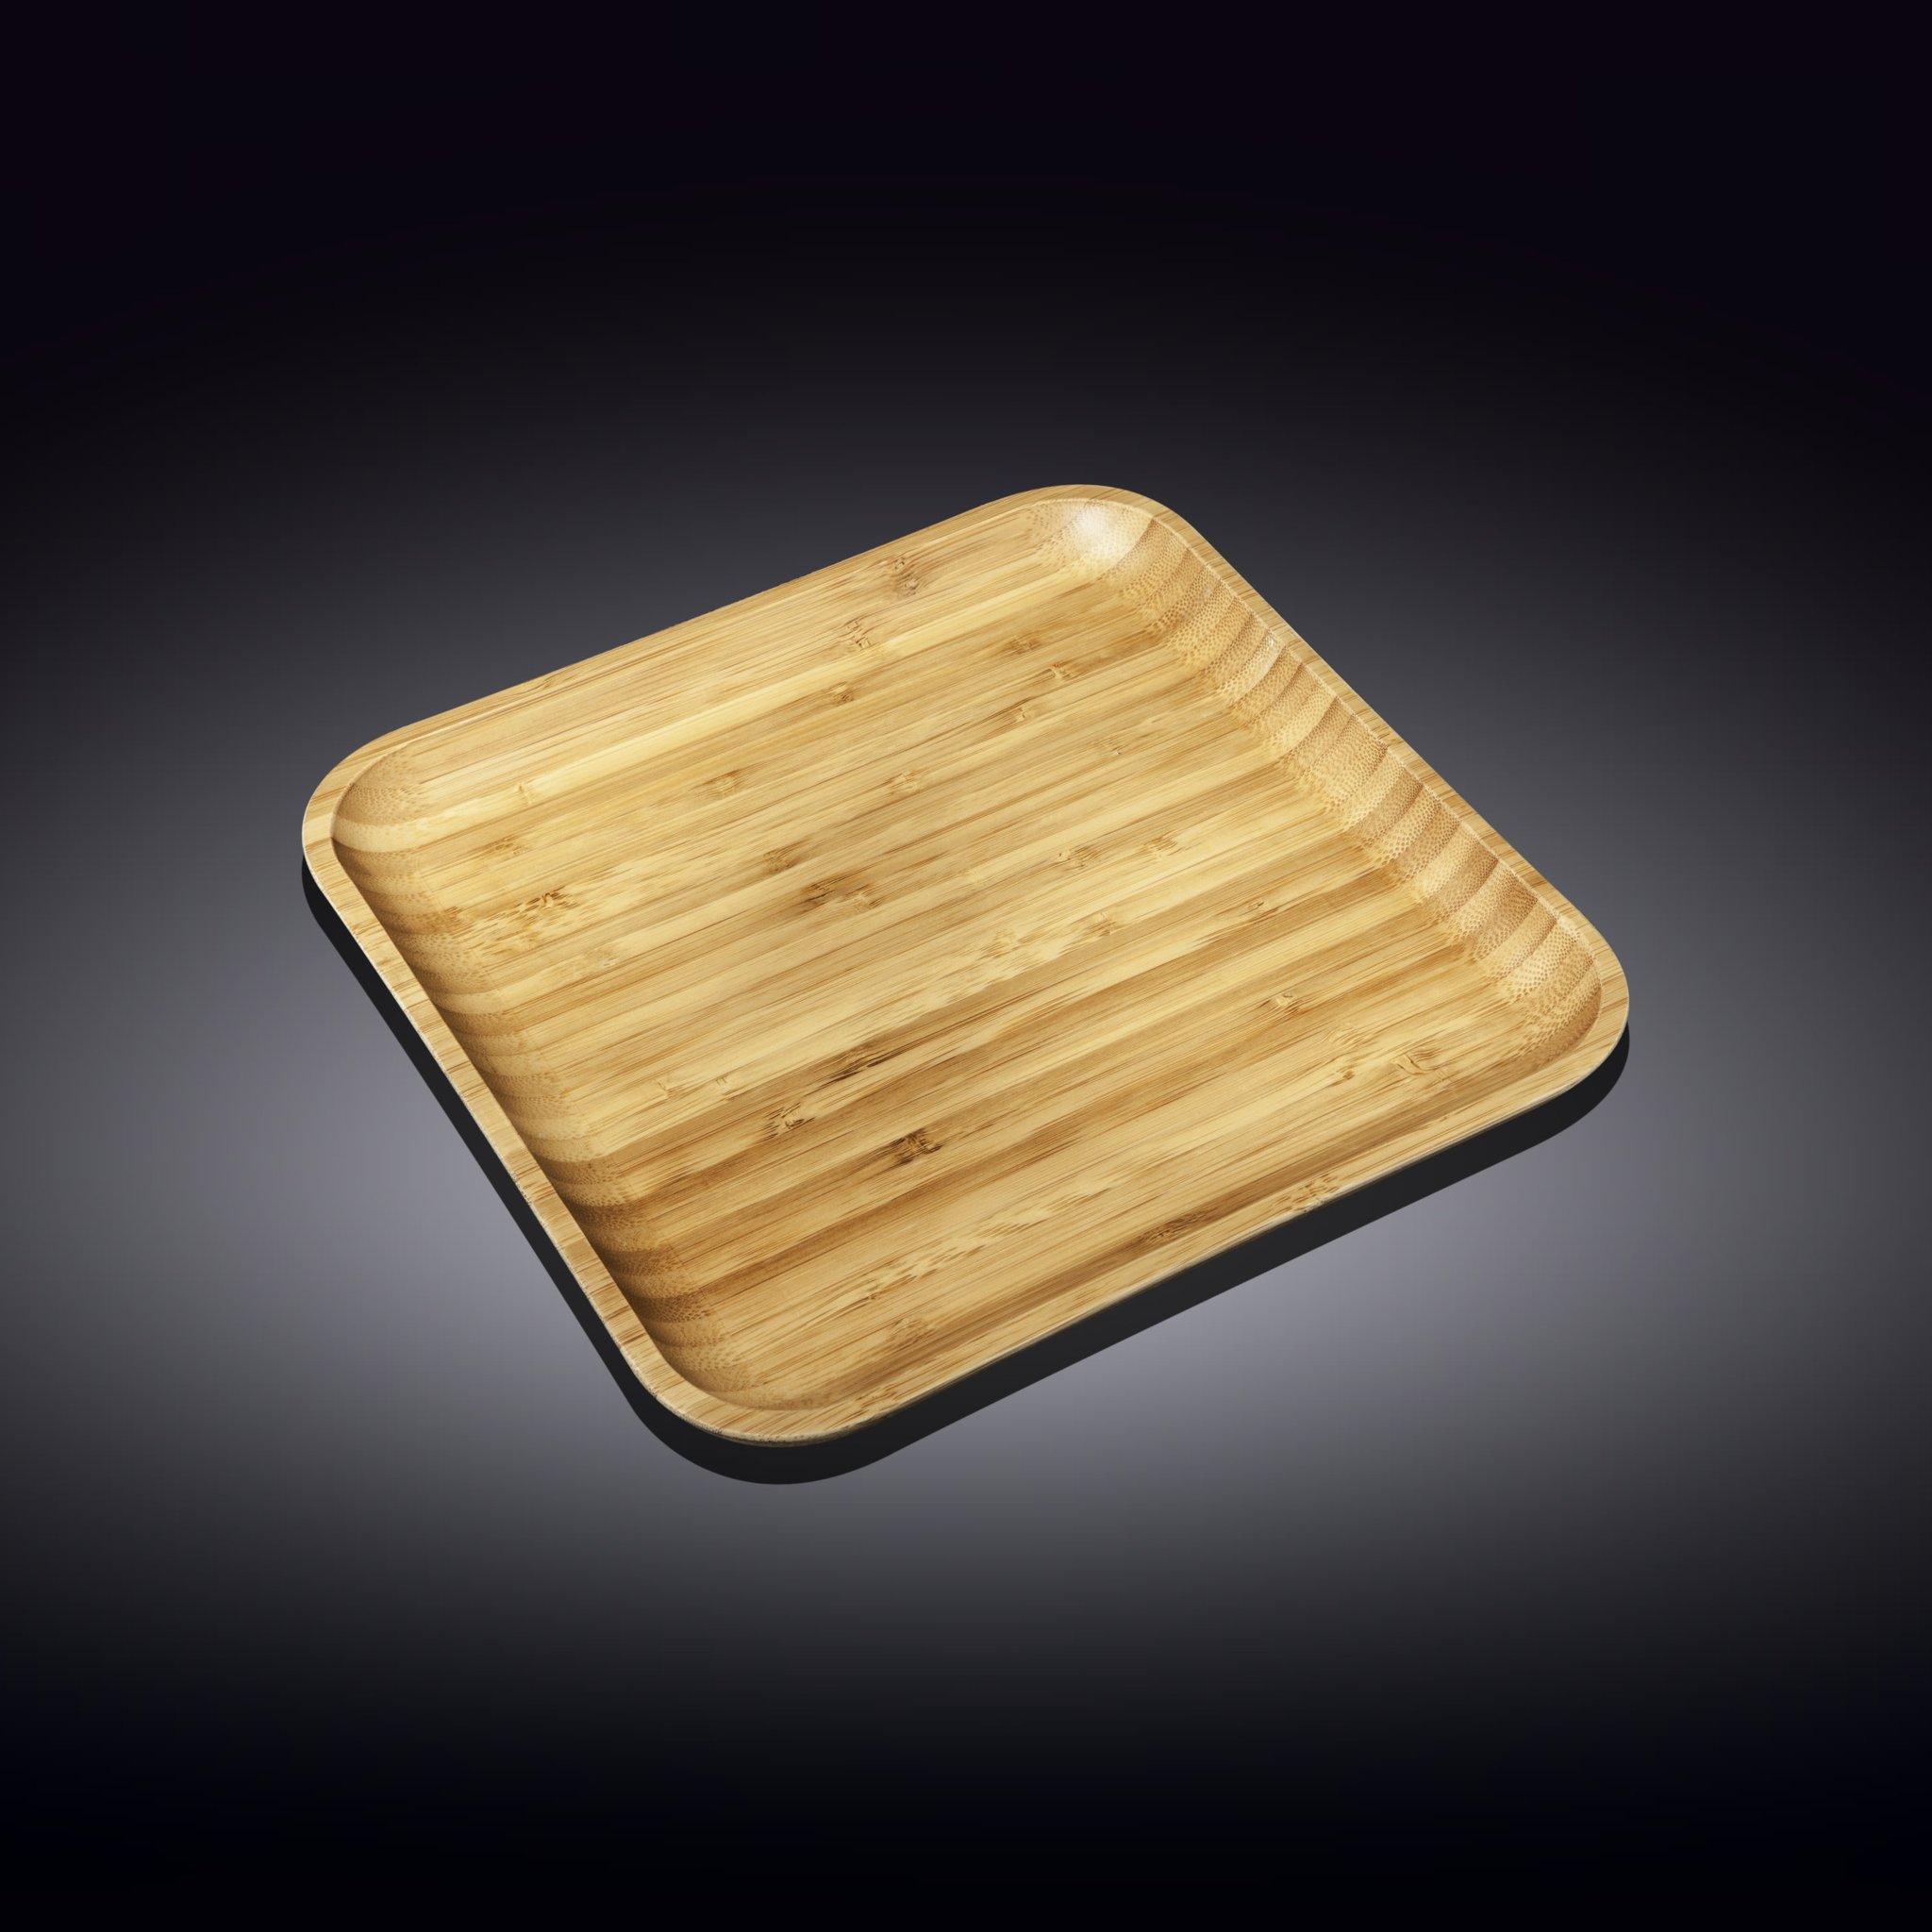 Блюдо сервировочное квадратное Wilmax 25.5 см блюдо сервировочное wilmax england 30 5 12 см